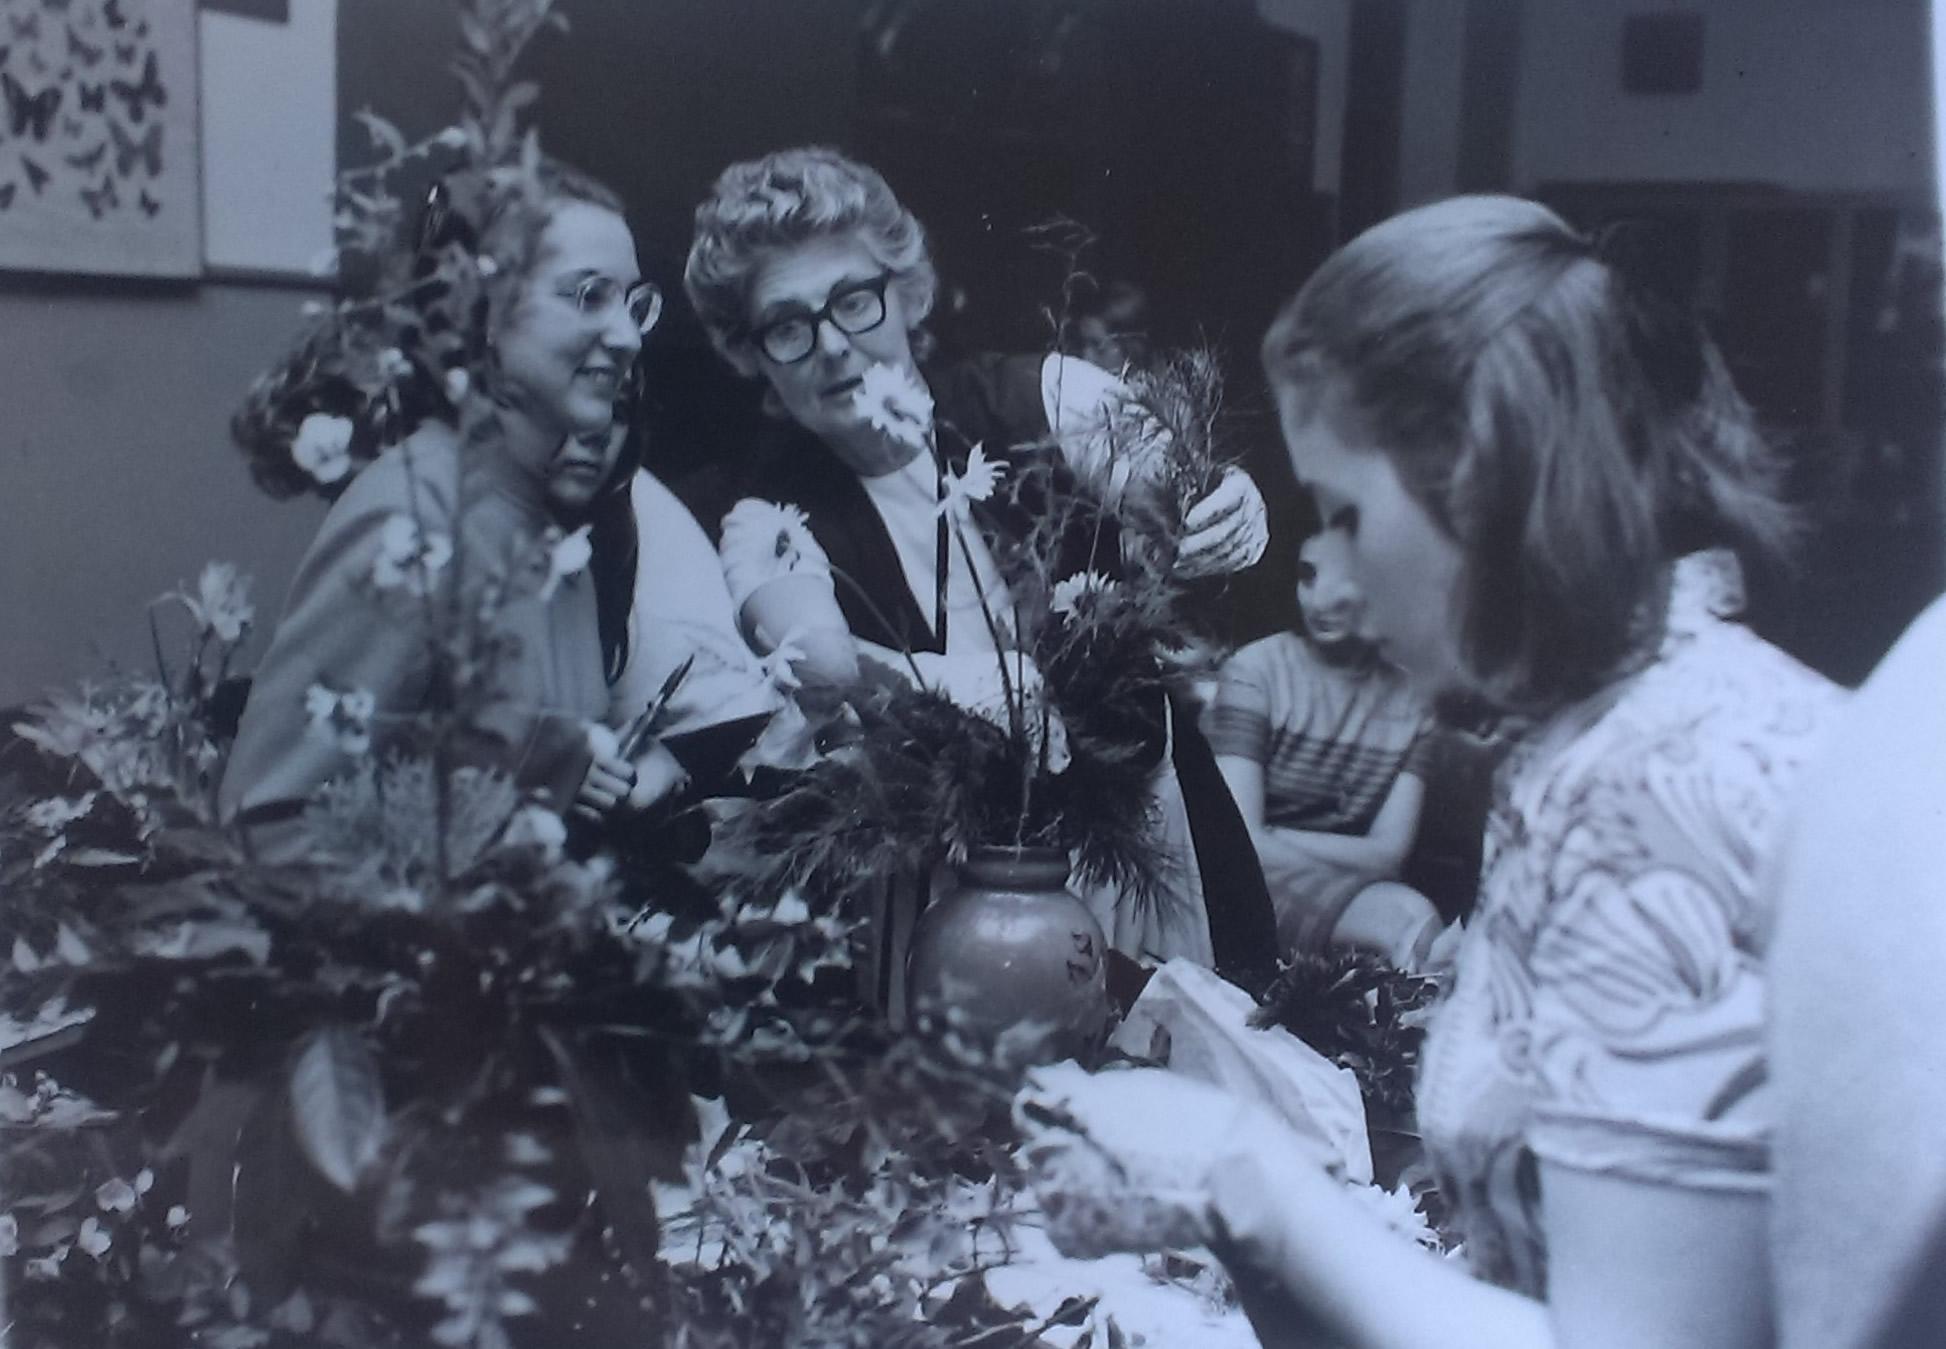 La Storia del Garden Club di Bologna - Camilla Malvasia, Lezioni alle Scuole Carducci I, 1971